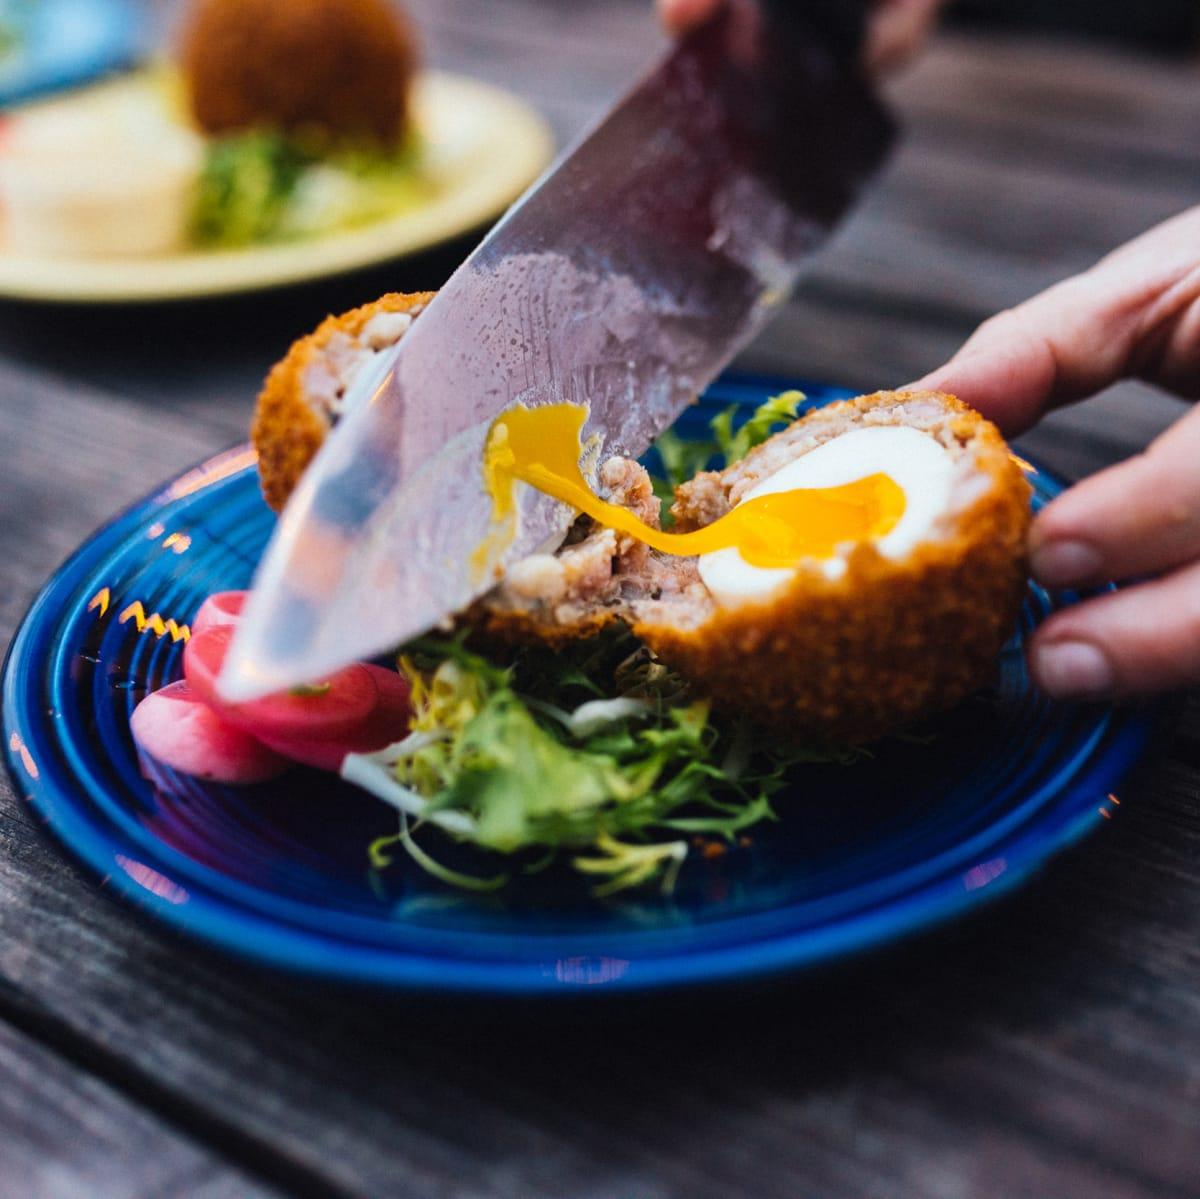 Native Hostel brunch Scotch egg